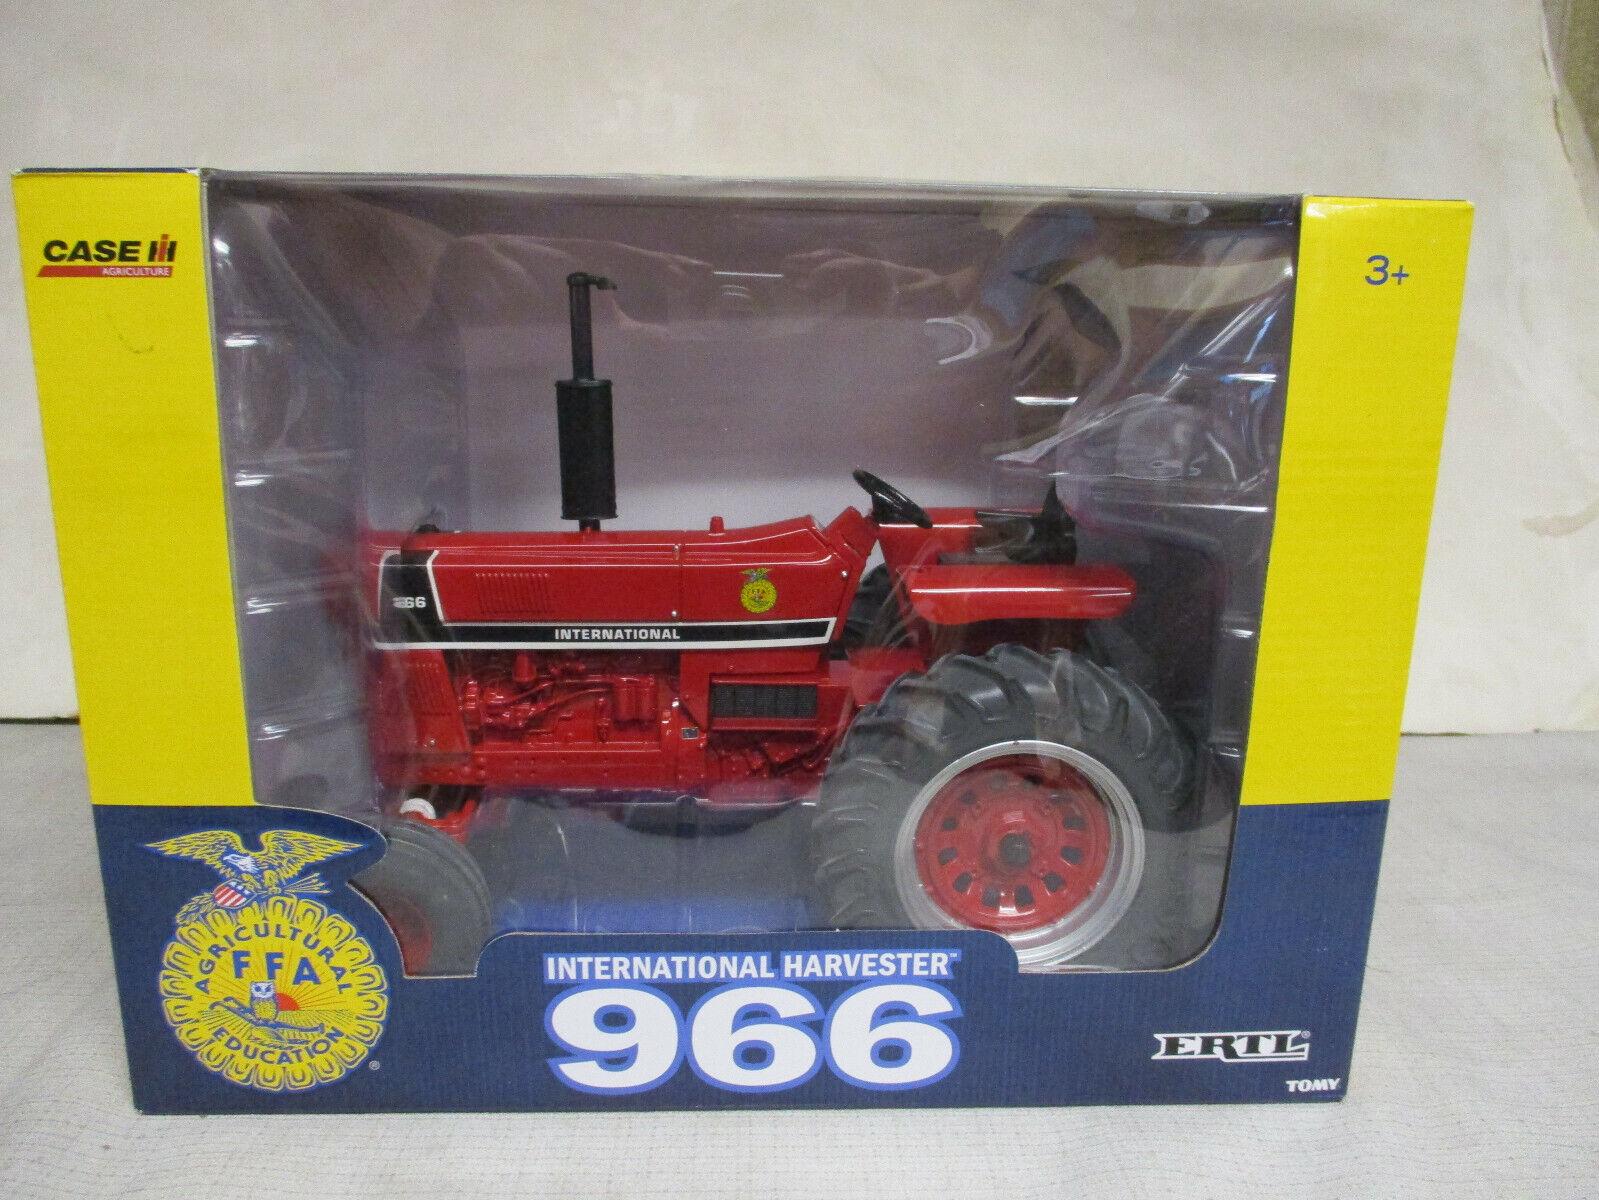 International Harvester 966 Toy Tractor  2014 FFA Edition  1 16 Scale, NIB